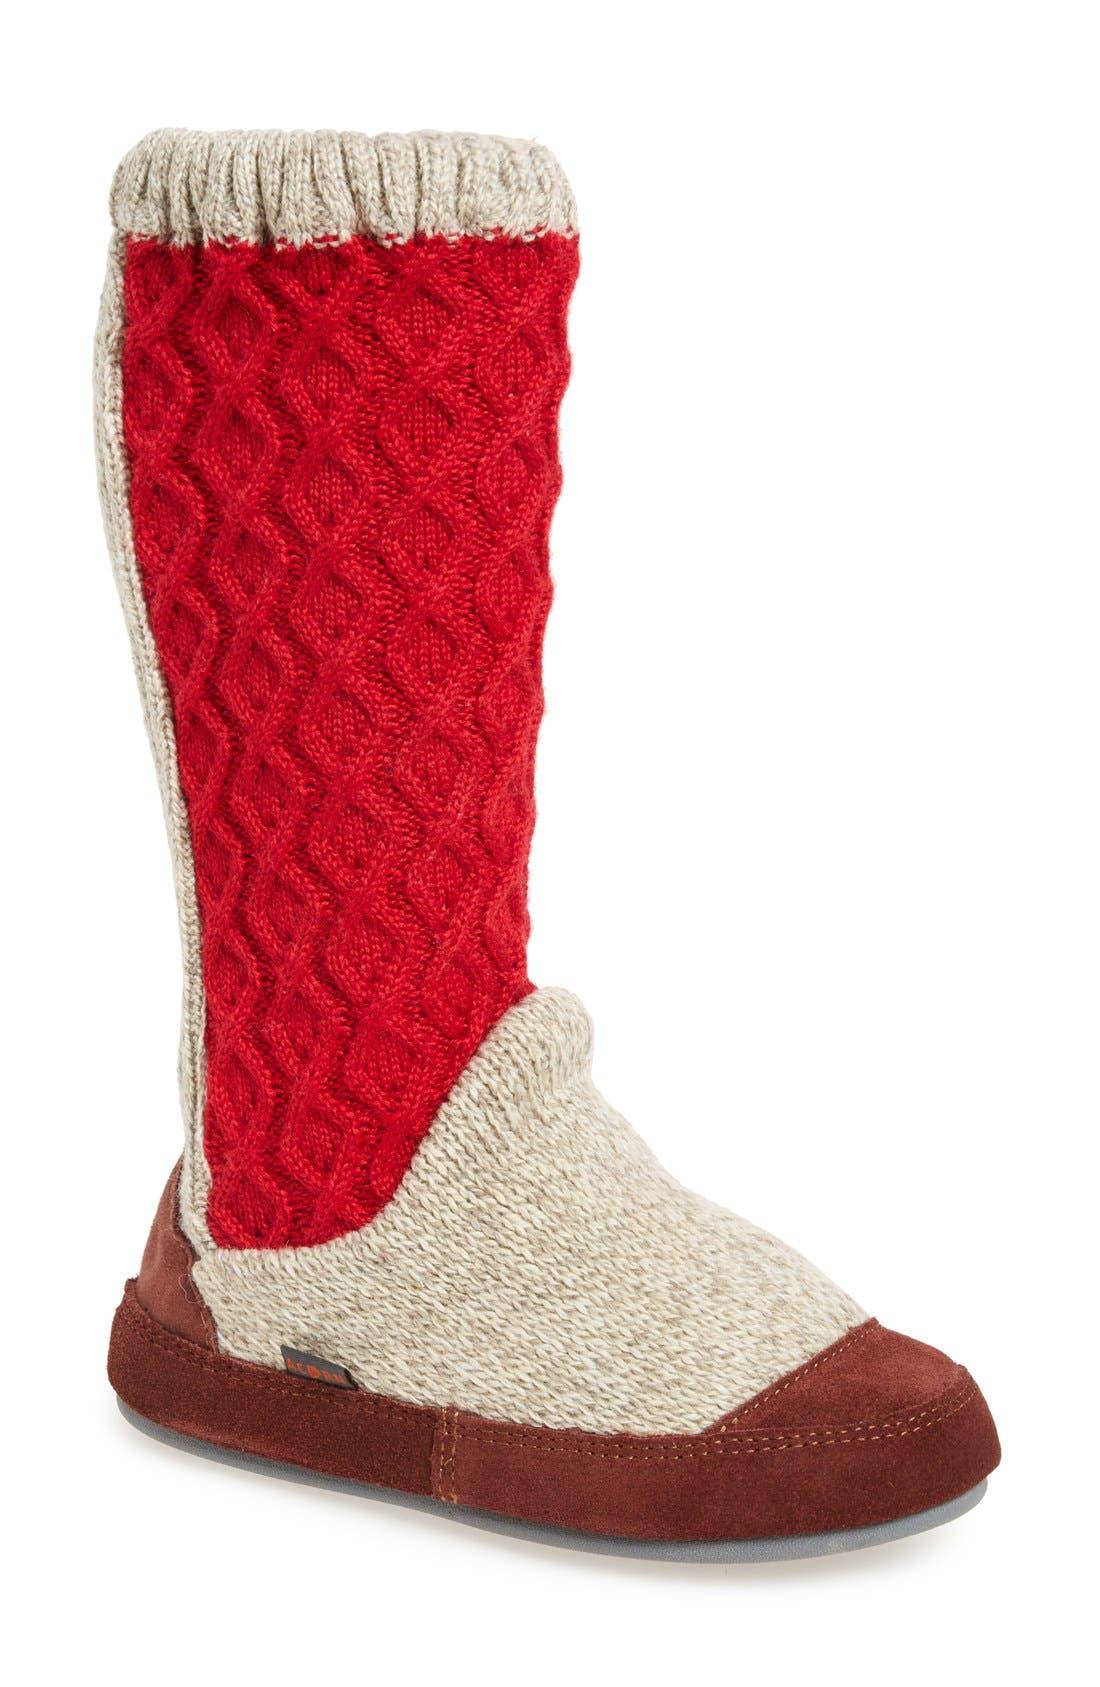 Slouch Slipper Boot